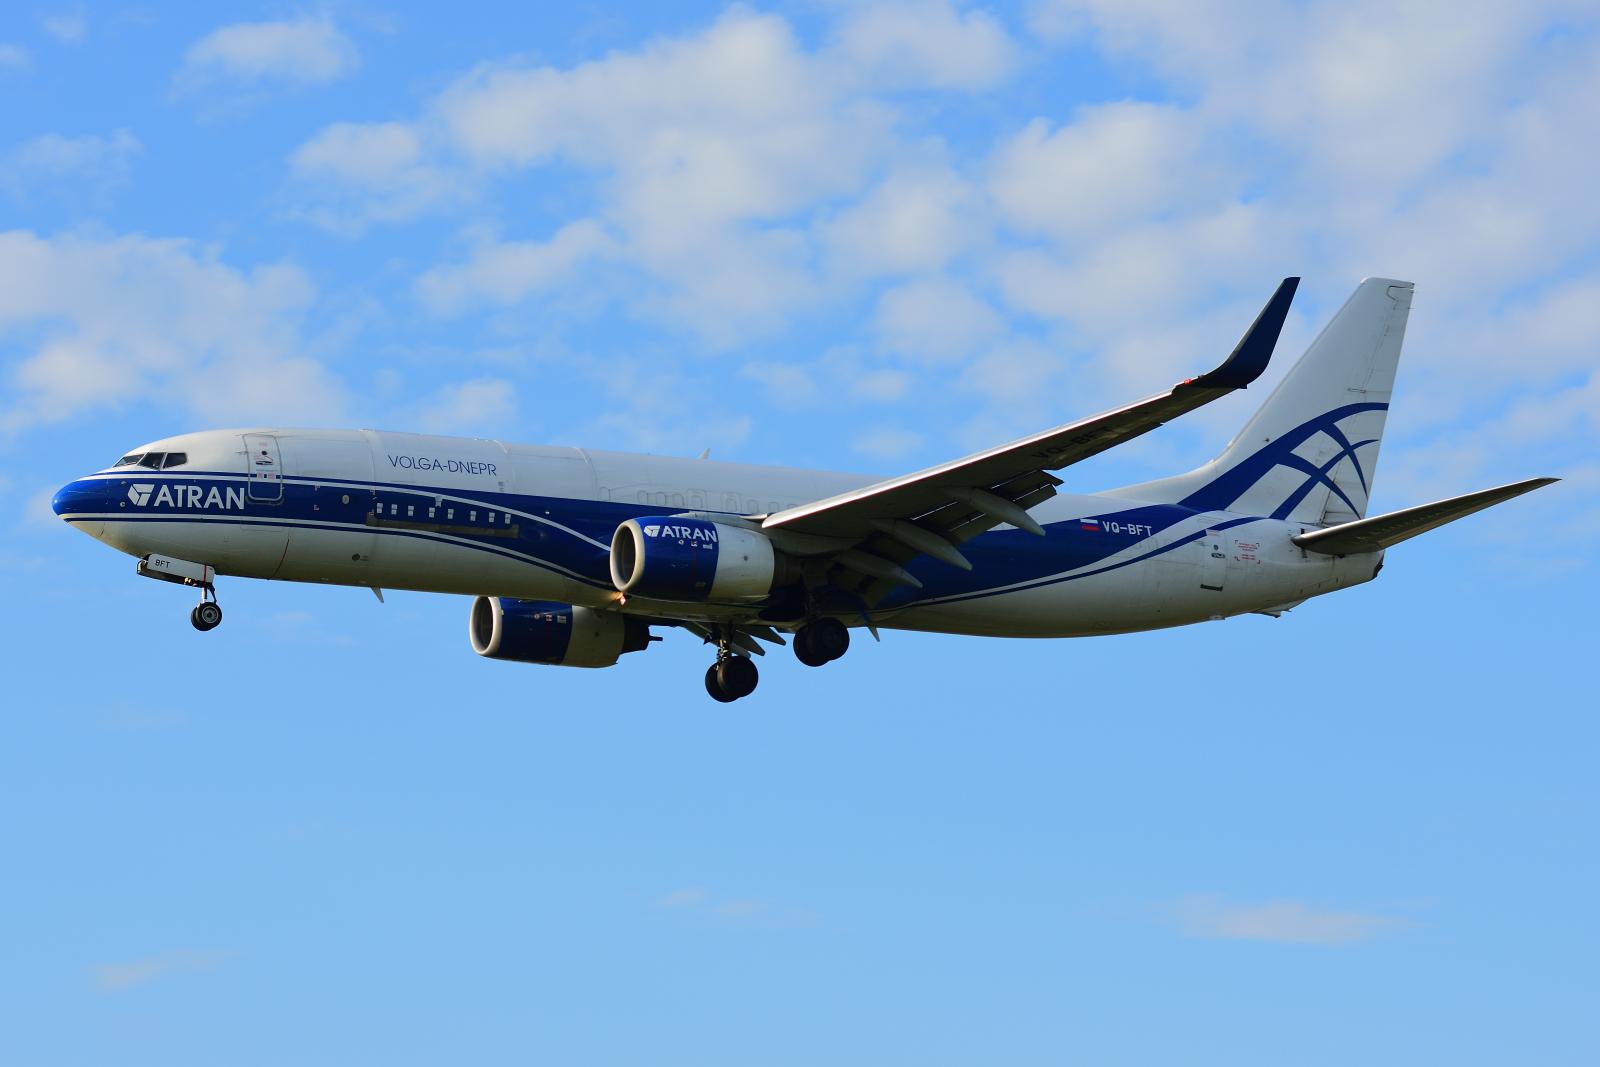 Boeing737, VQ-BFT